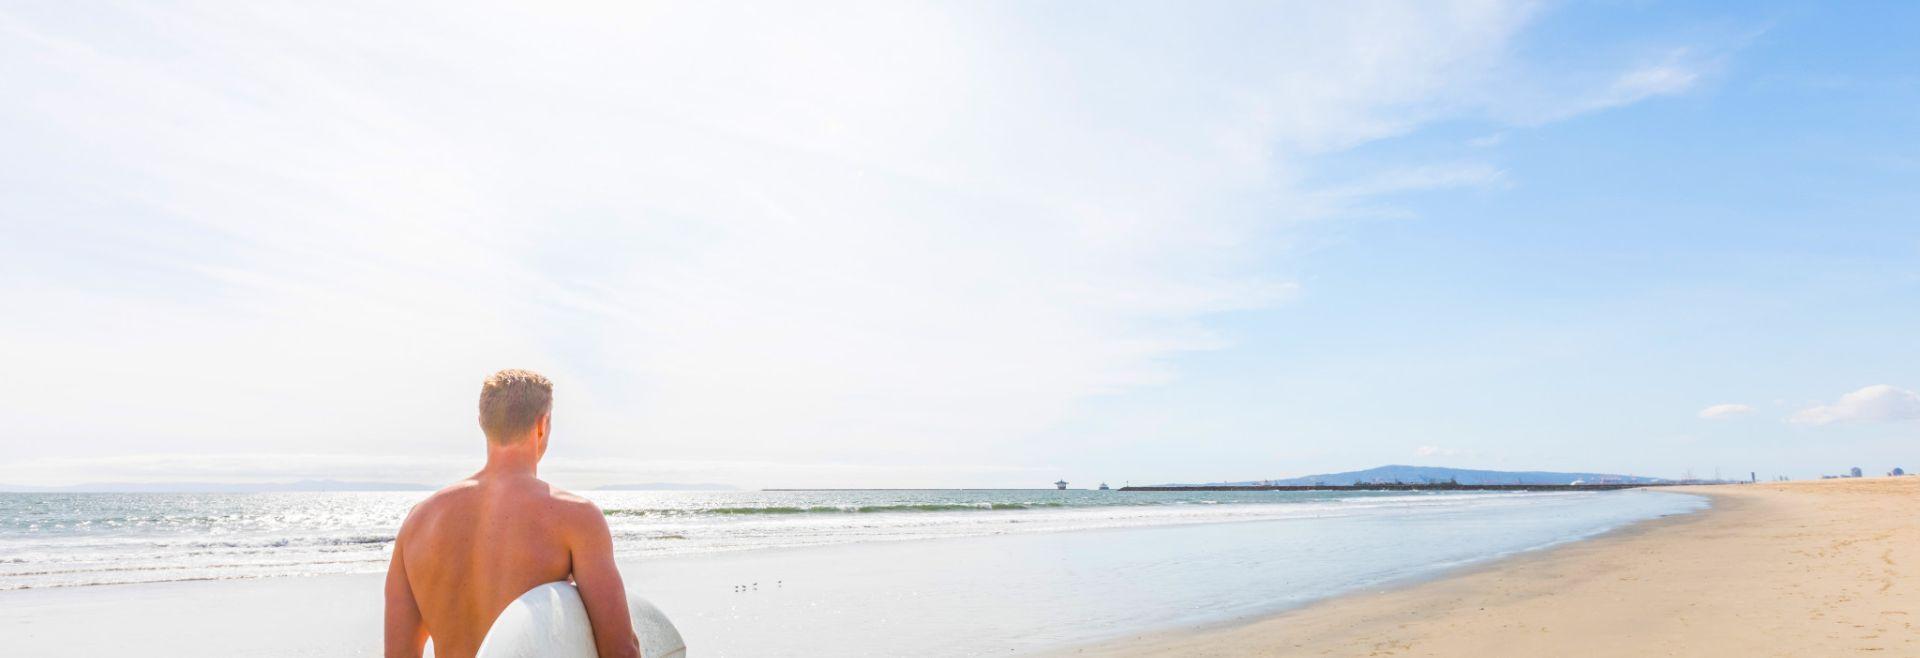 Seal Beach Surfer